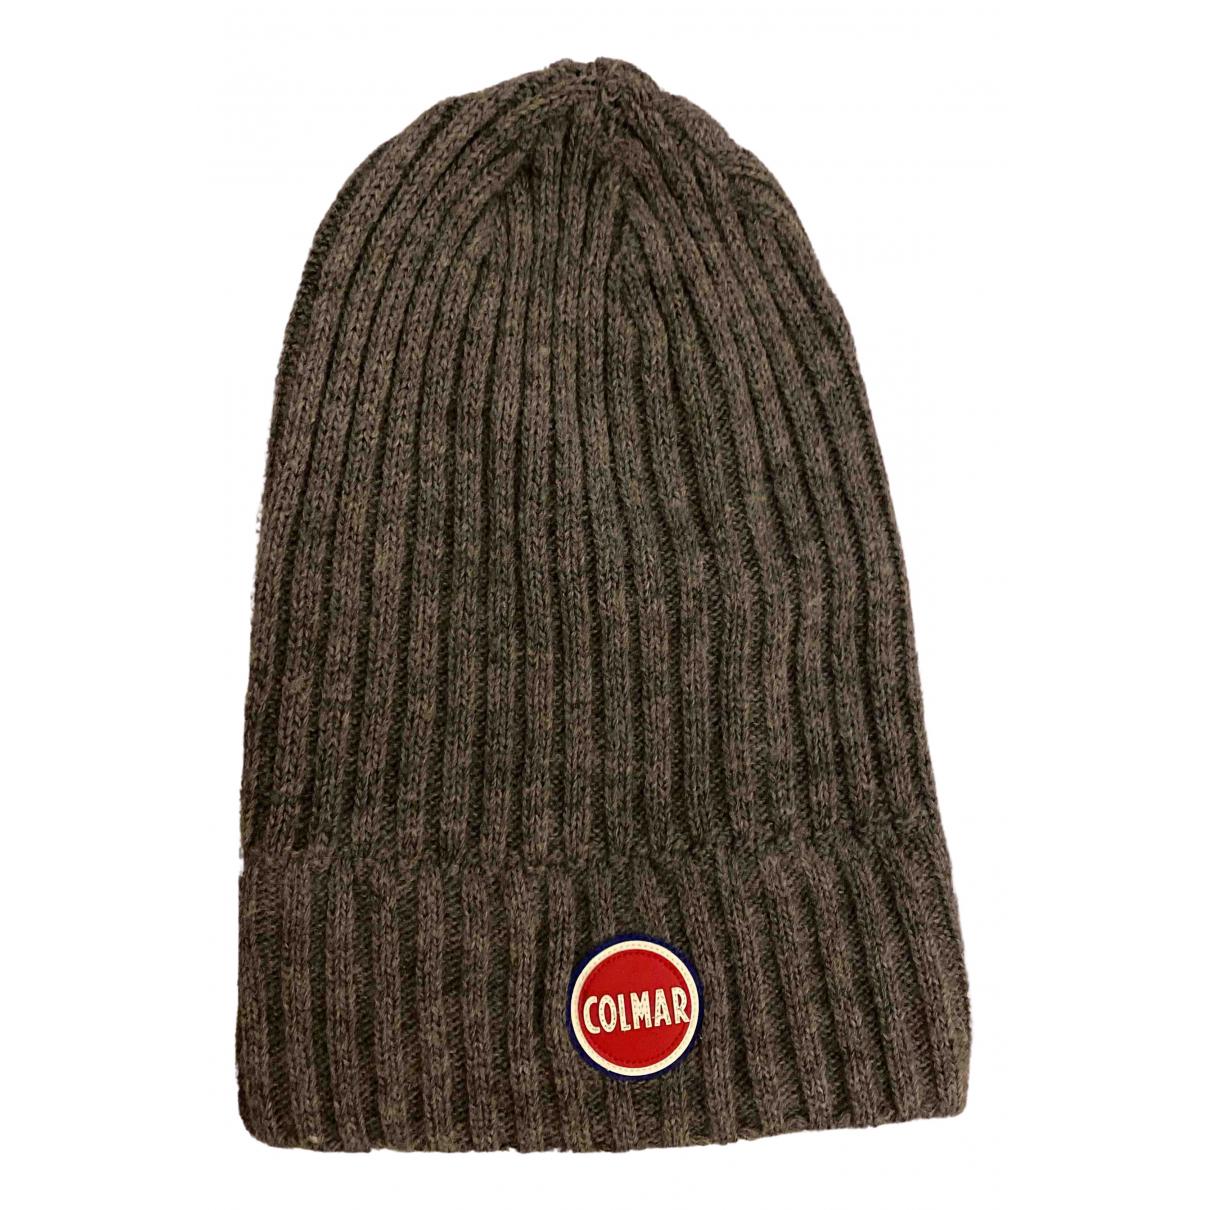 Colmar - Chapeau & Bonnets   pour homme en laine - gris